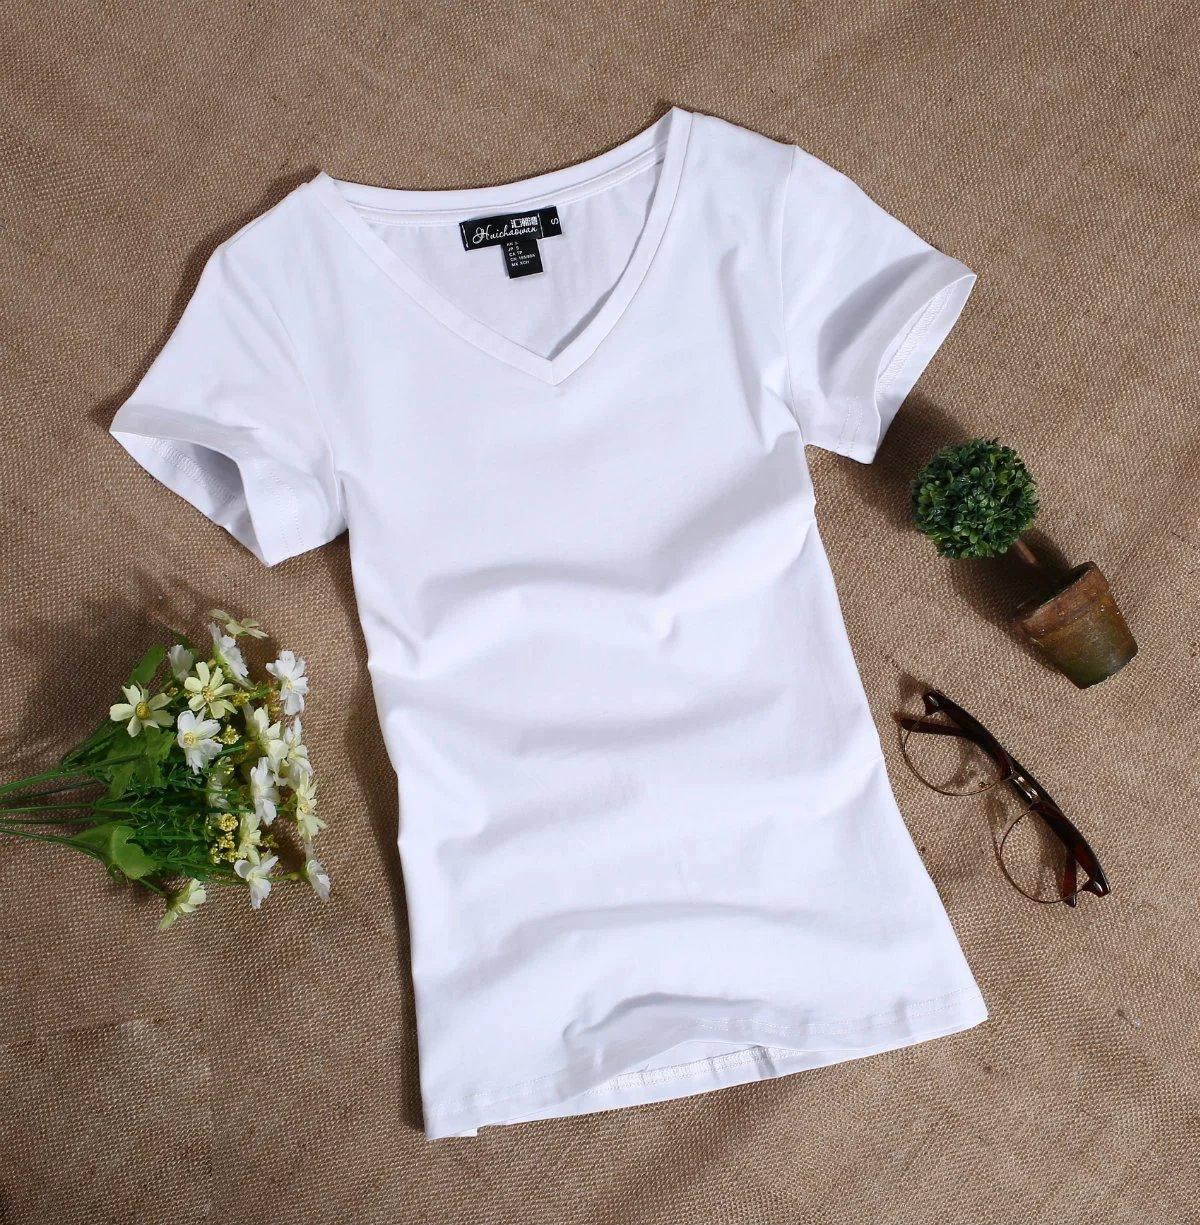 女装纯棉贴身体恤 ¥9.70